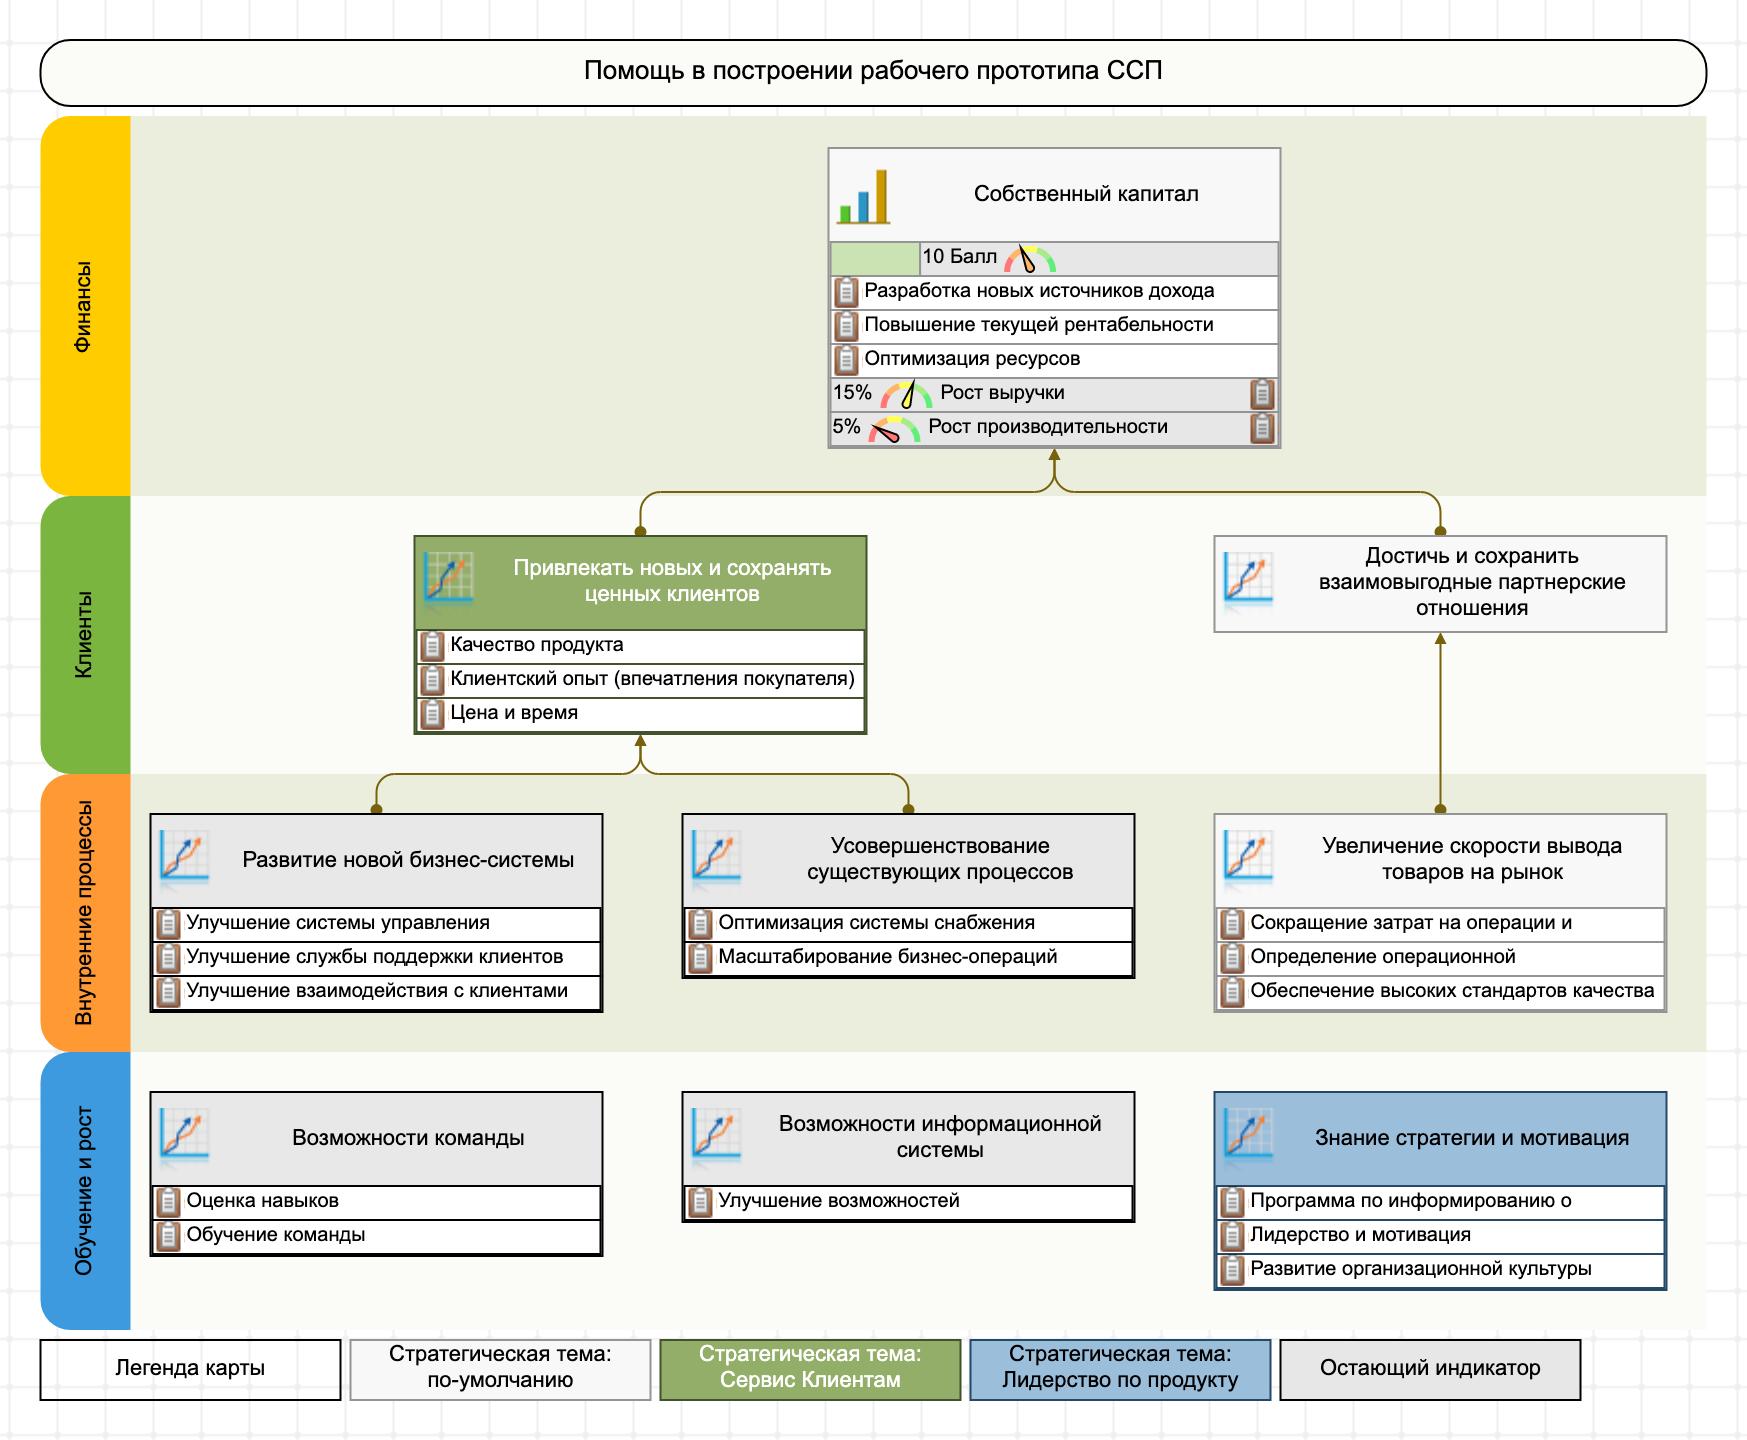 Пример использования четырех перспектив ССП для построения стратегической карты